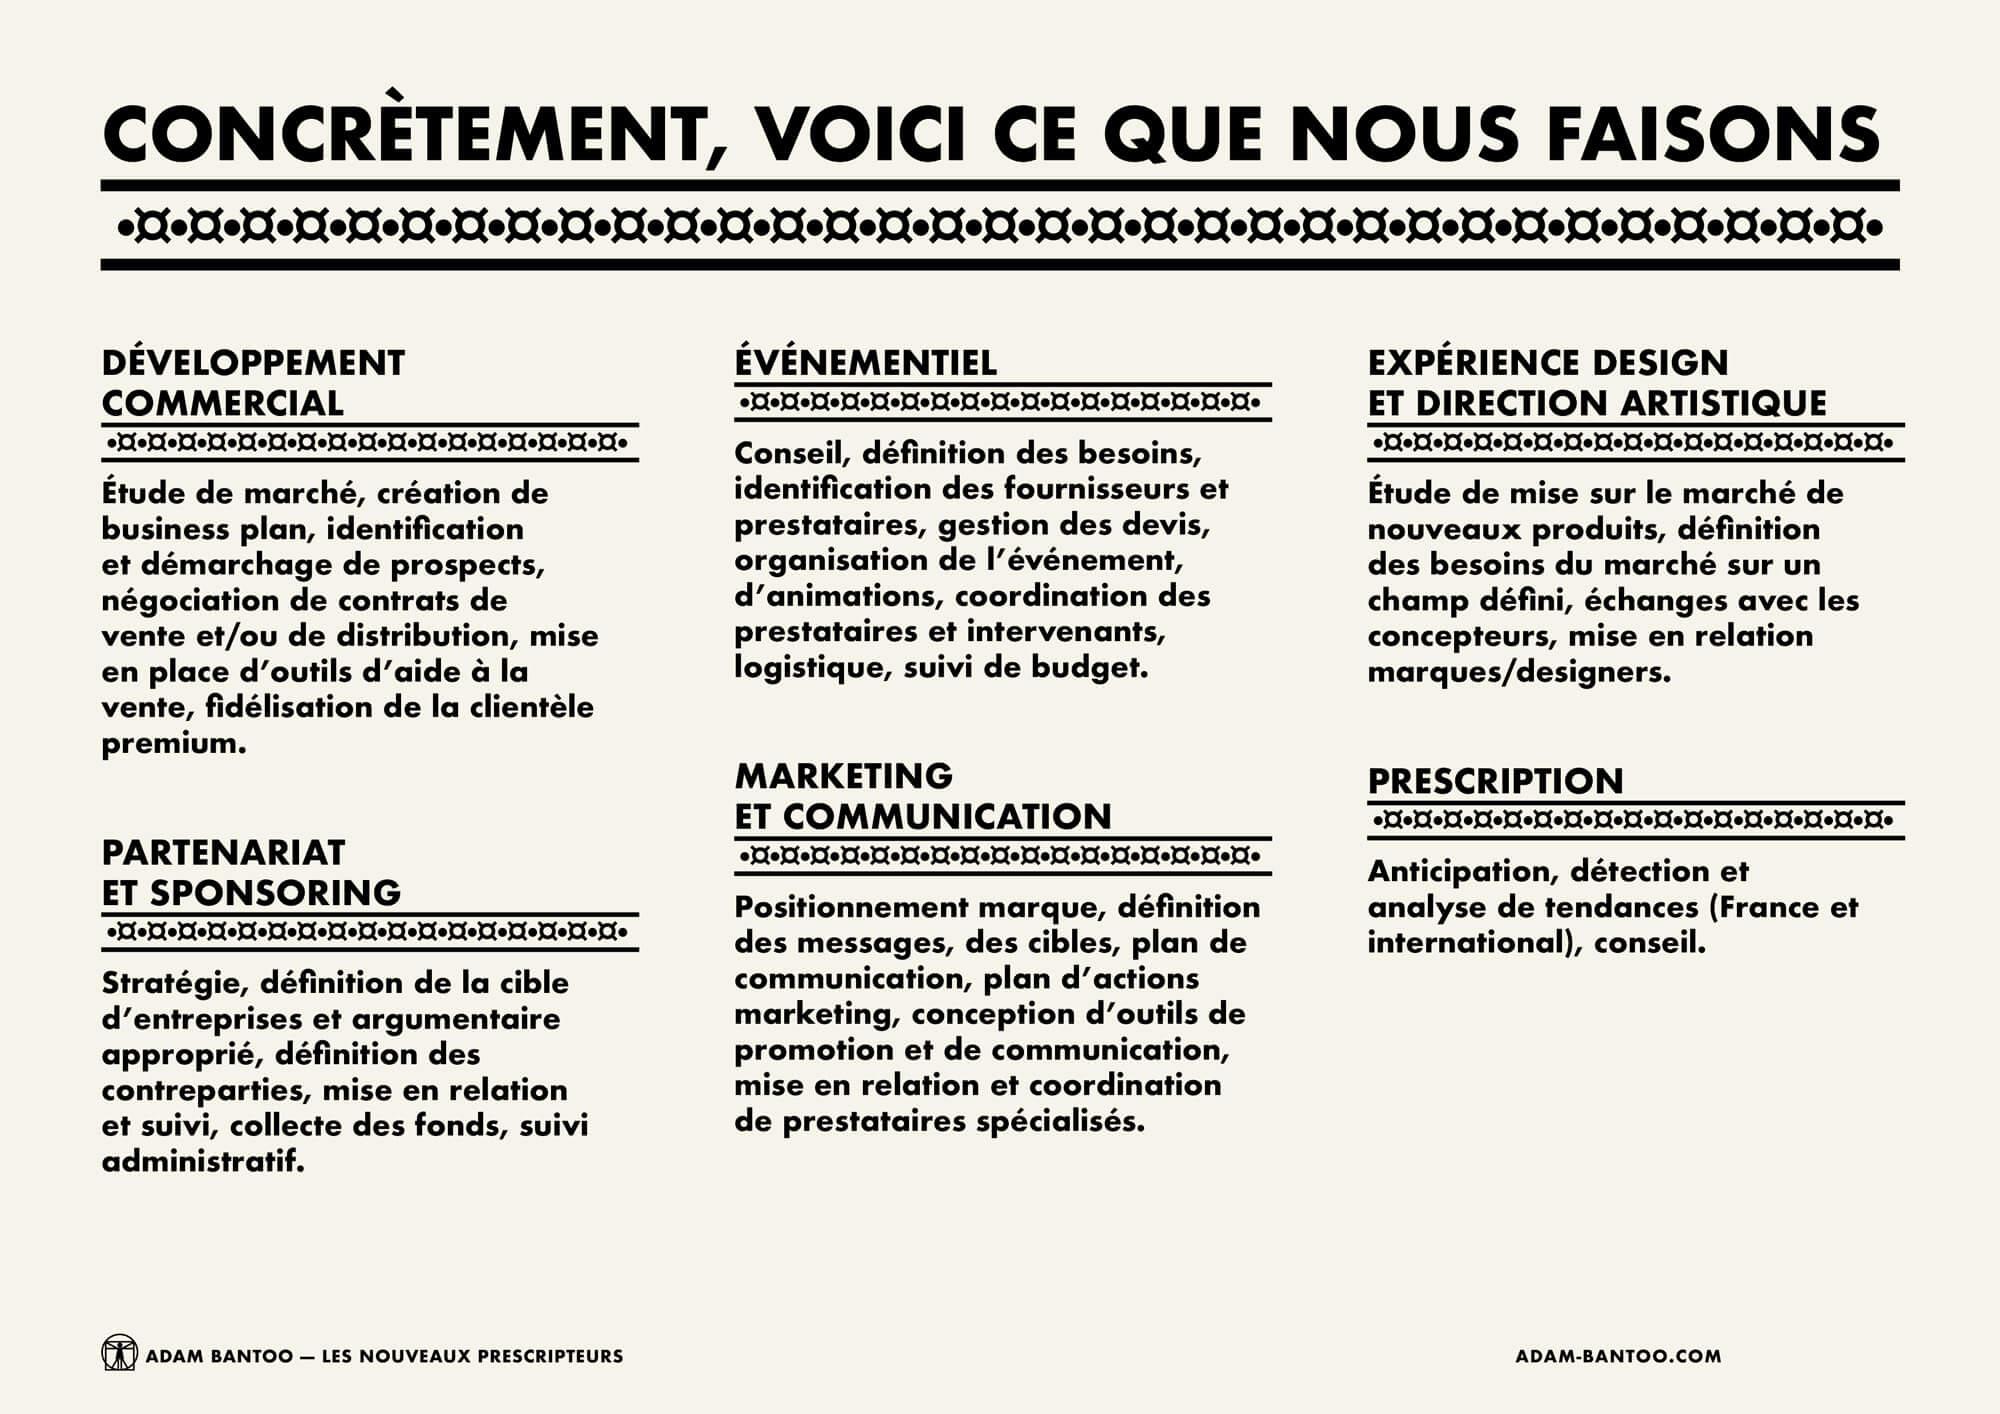 Page de présentation des domaines de compétences de l'agence Adam Bantoo, design de l'identité Afro Ascii IchetKar